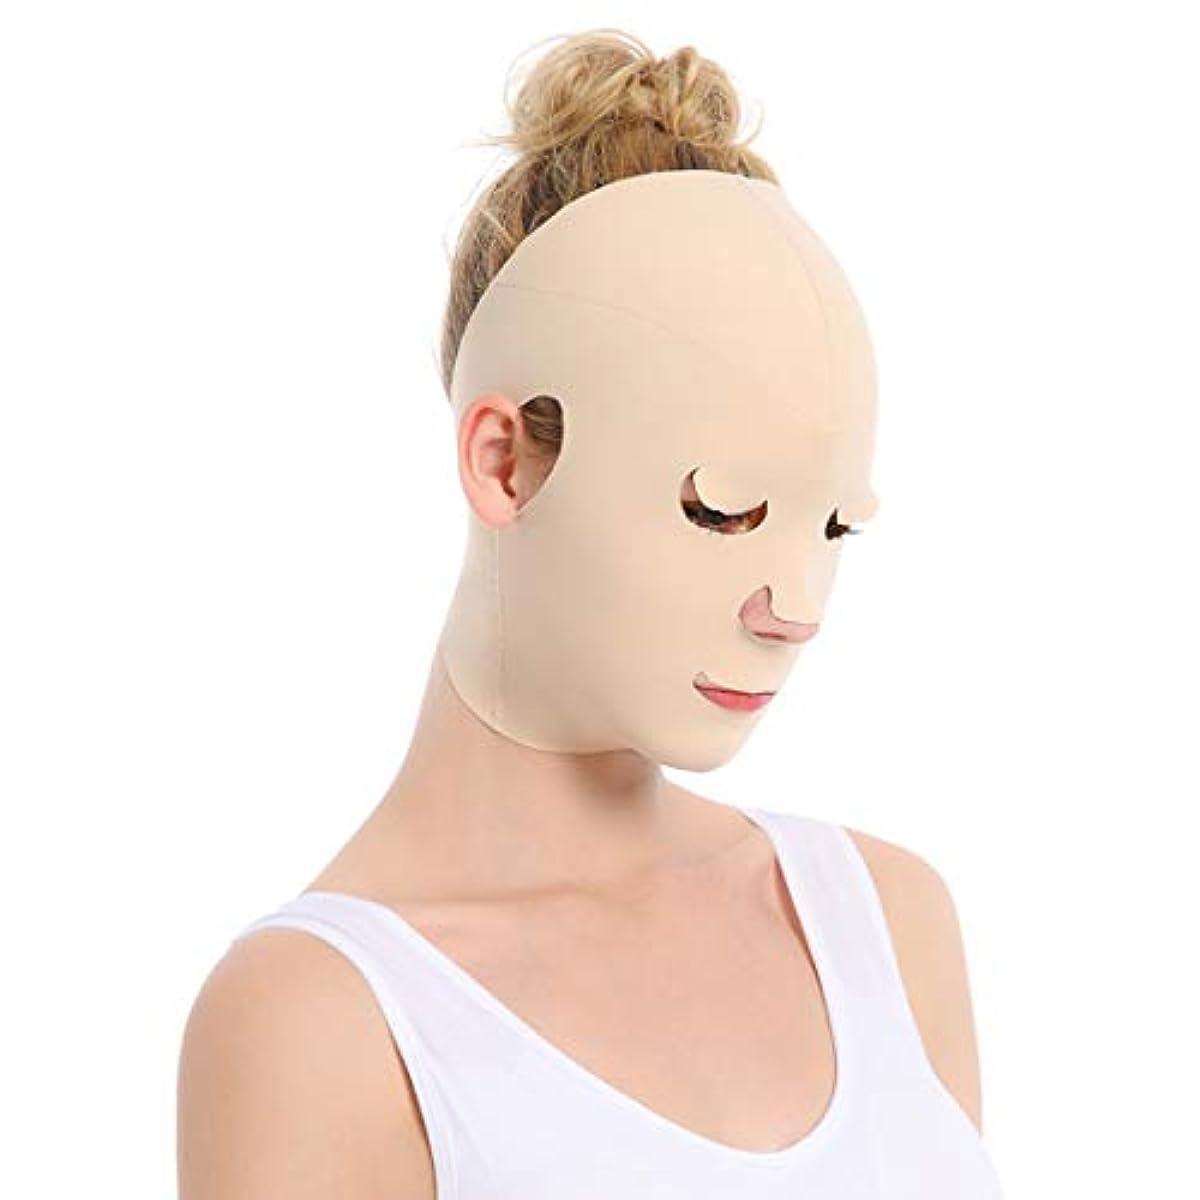 アサート当社エイリアスZWBD フェイスマスク, 薄い顔包帯理学療法フェースリフトアーチファクト肌睡眠マスクVフェース包帯リフティング引き締めホワイトニング傷修理能力